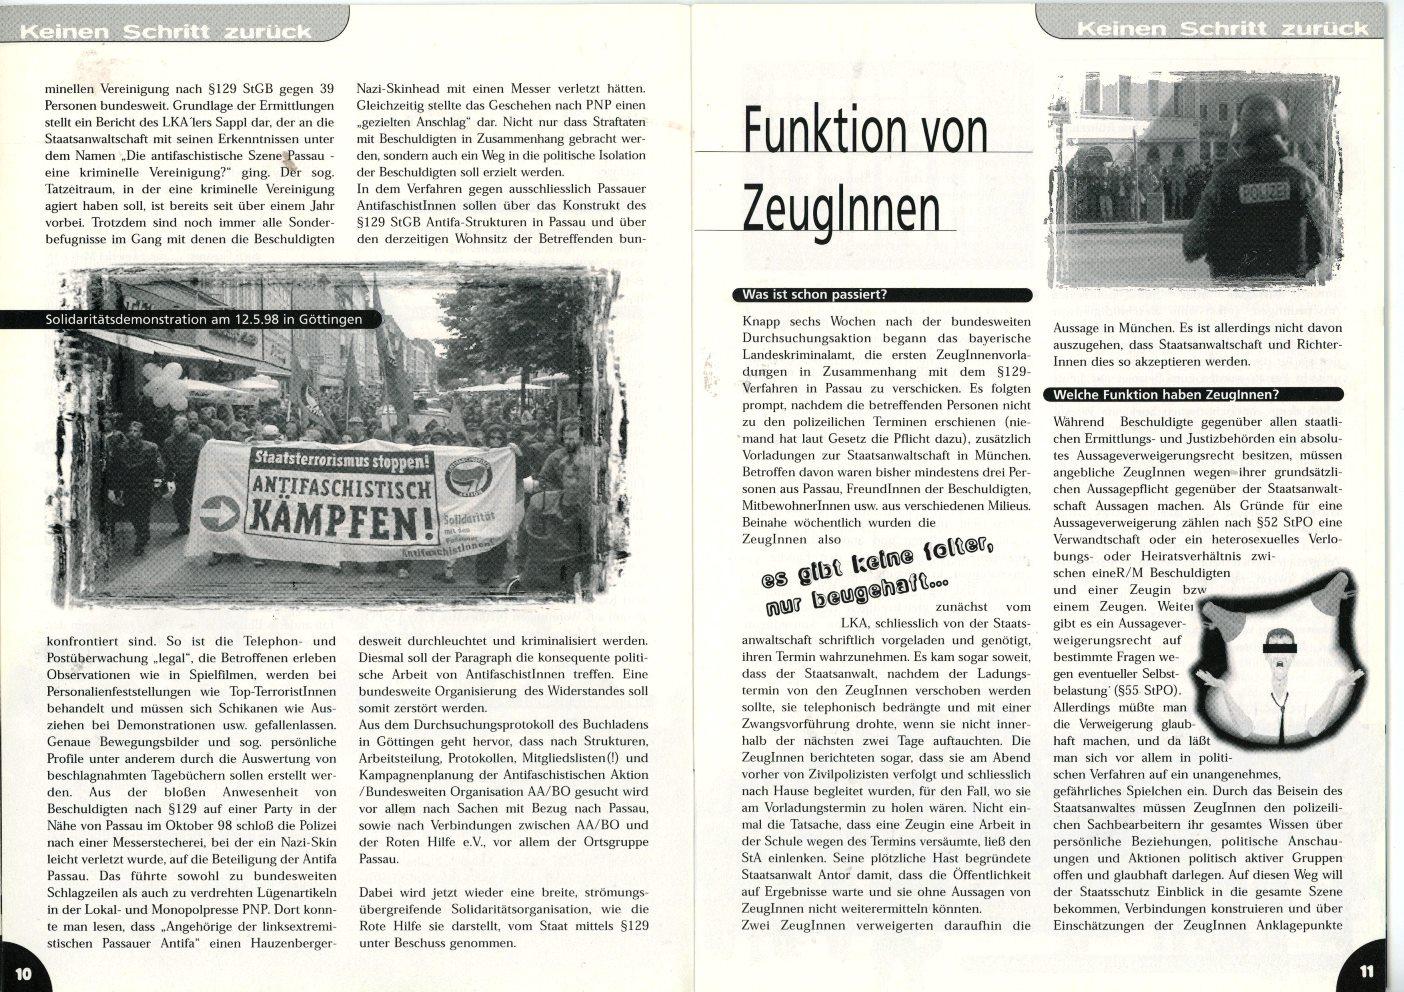 Passau_RH_1998_Keinen_Schritt_zurueck_06